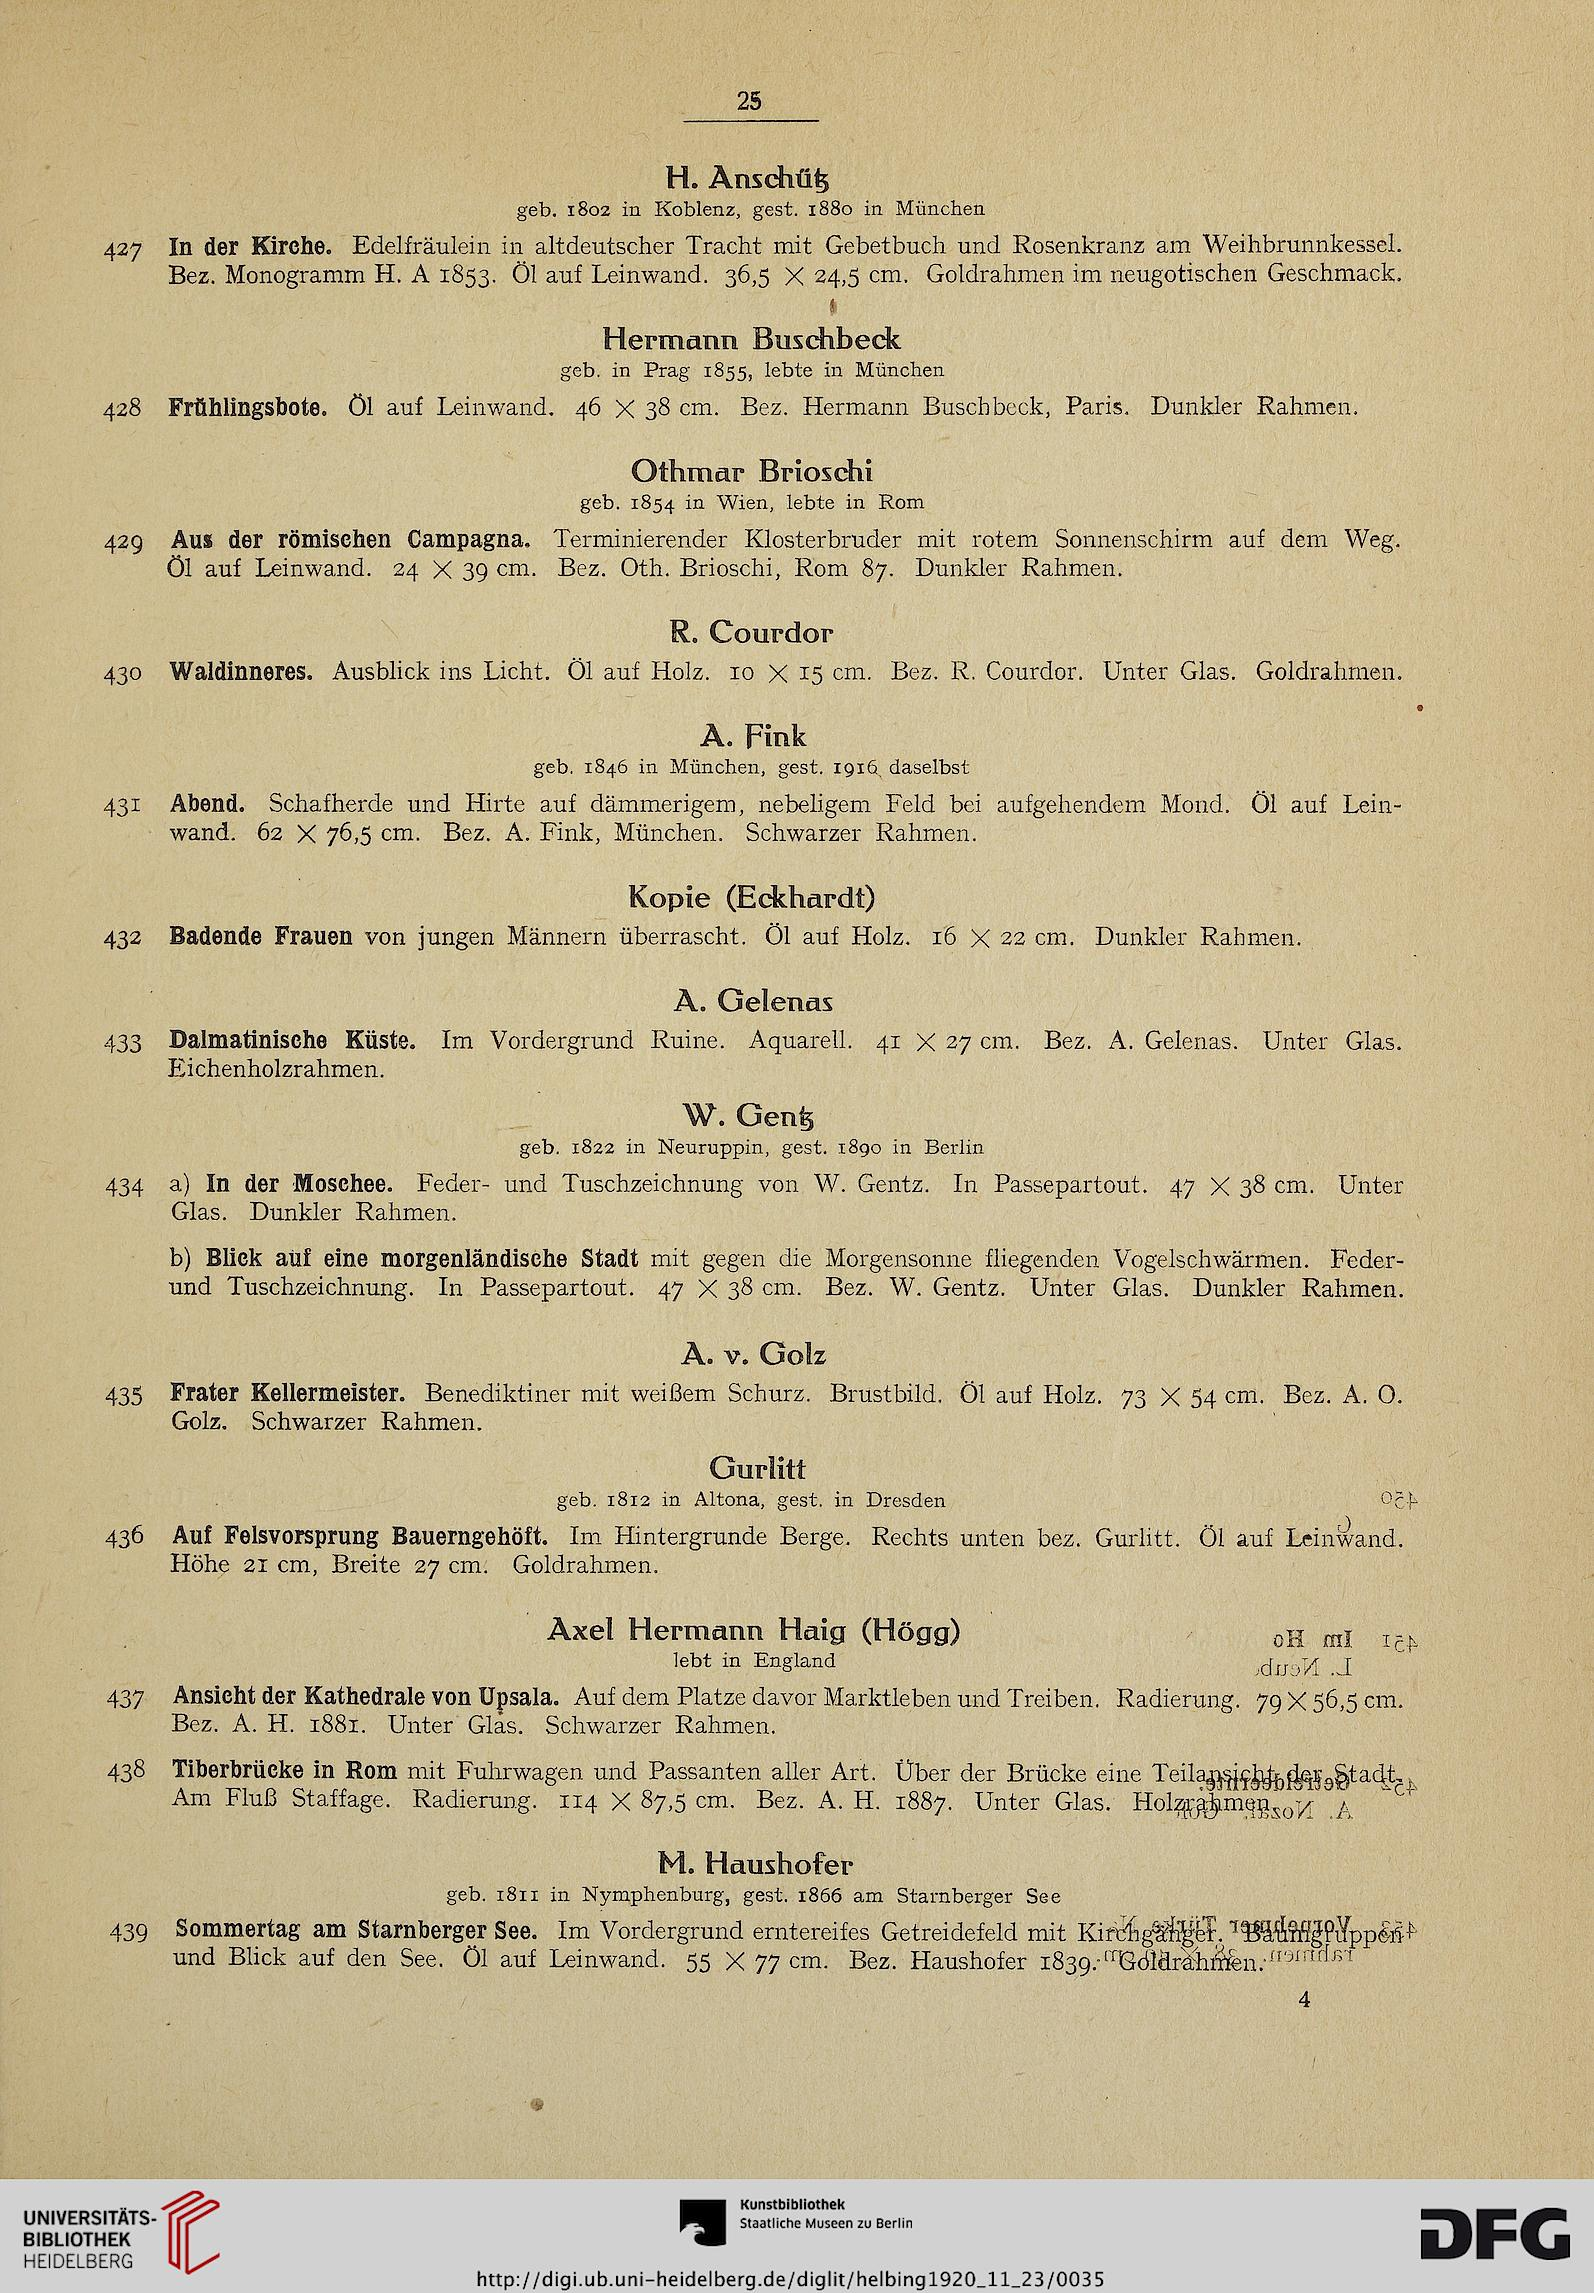 Hugo Helbing <München> [Hrsg.]: Antiquitäten, Möbel, Kunst- und ...